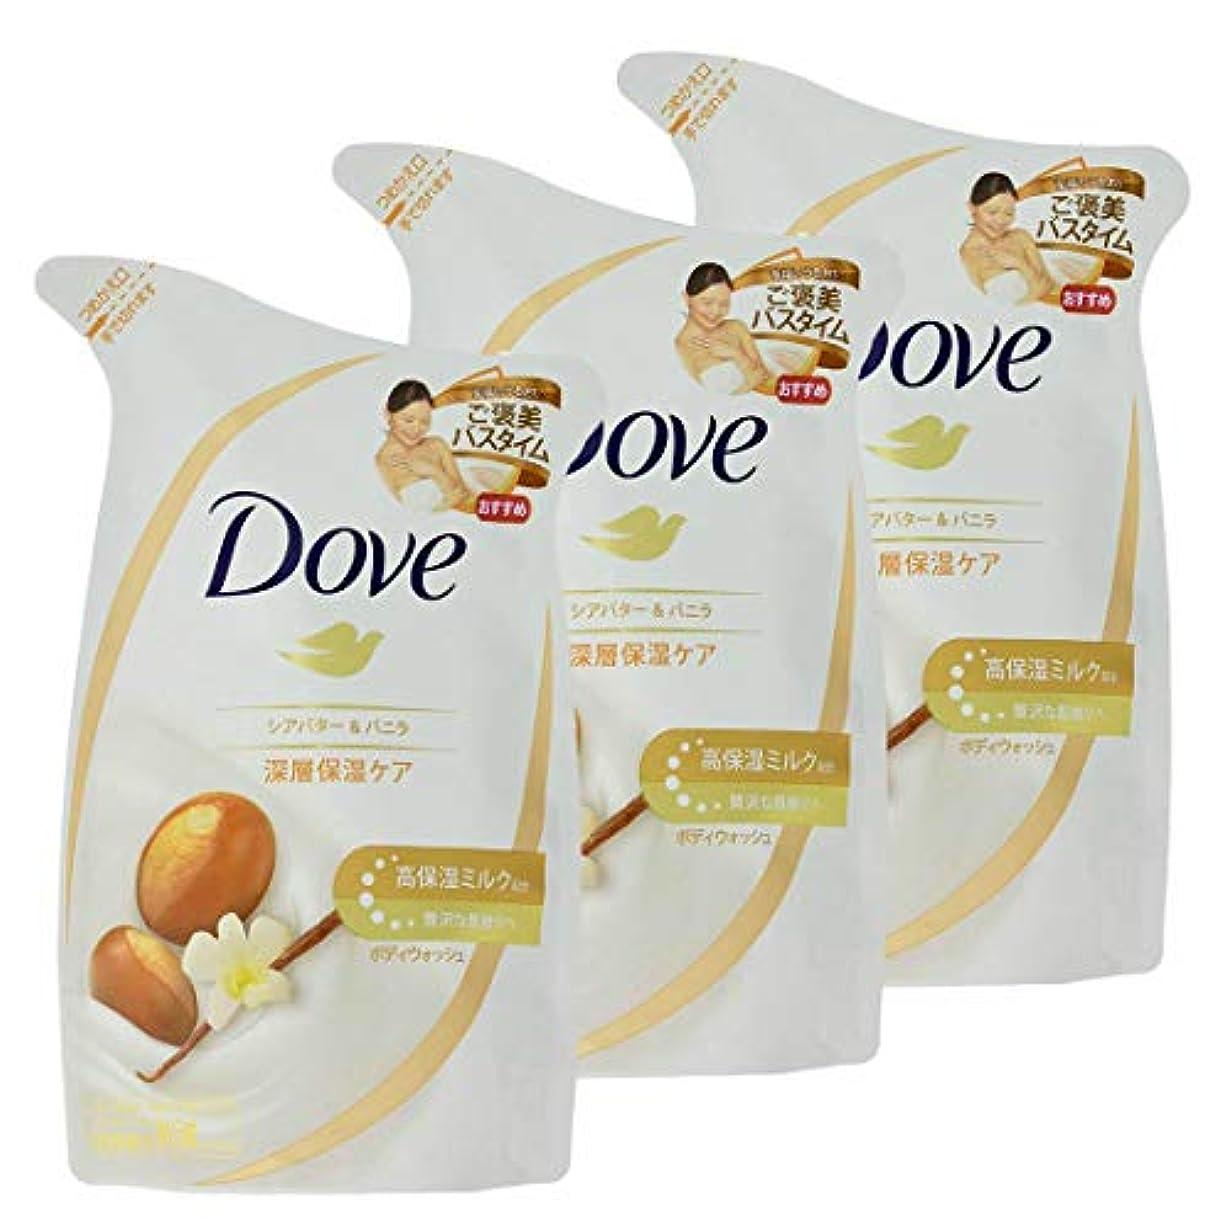 天使化粧提供するダヴ ボディウォッシュ リッチケア シアバター&バニラ つめかえ用 340G × 3個セット